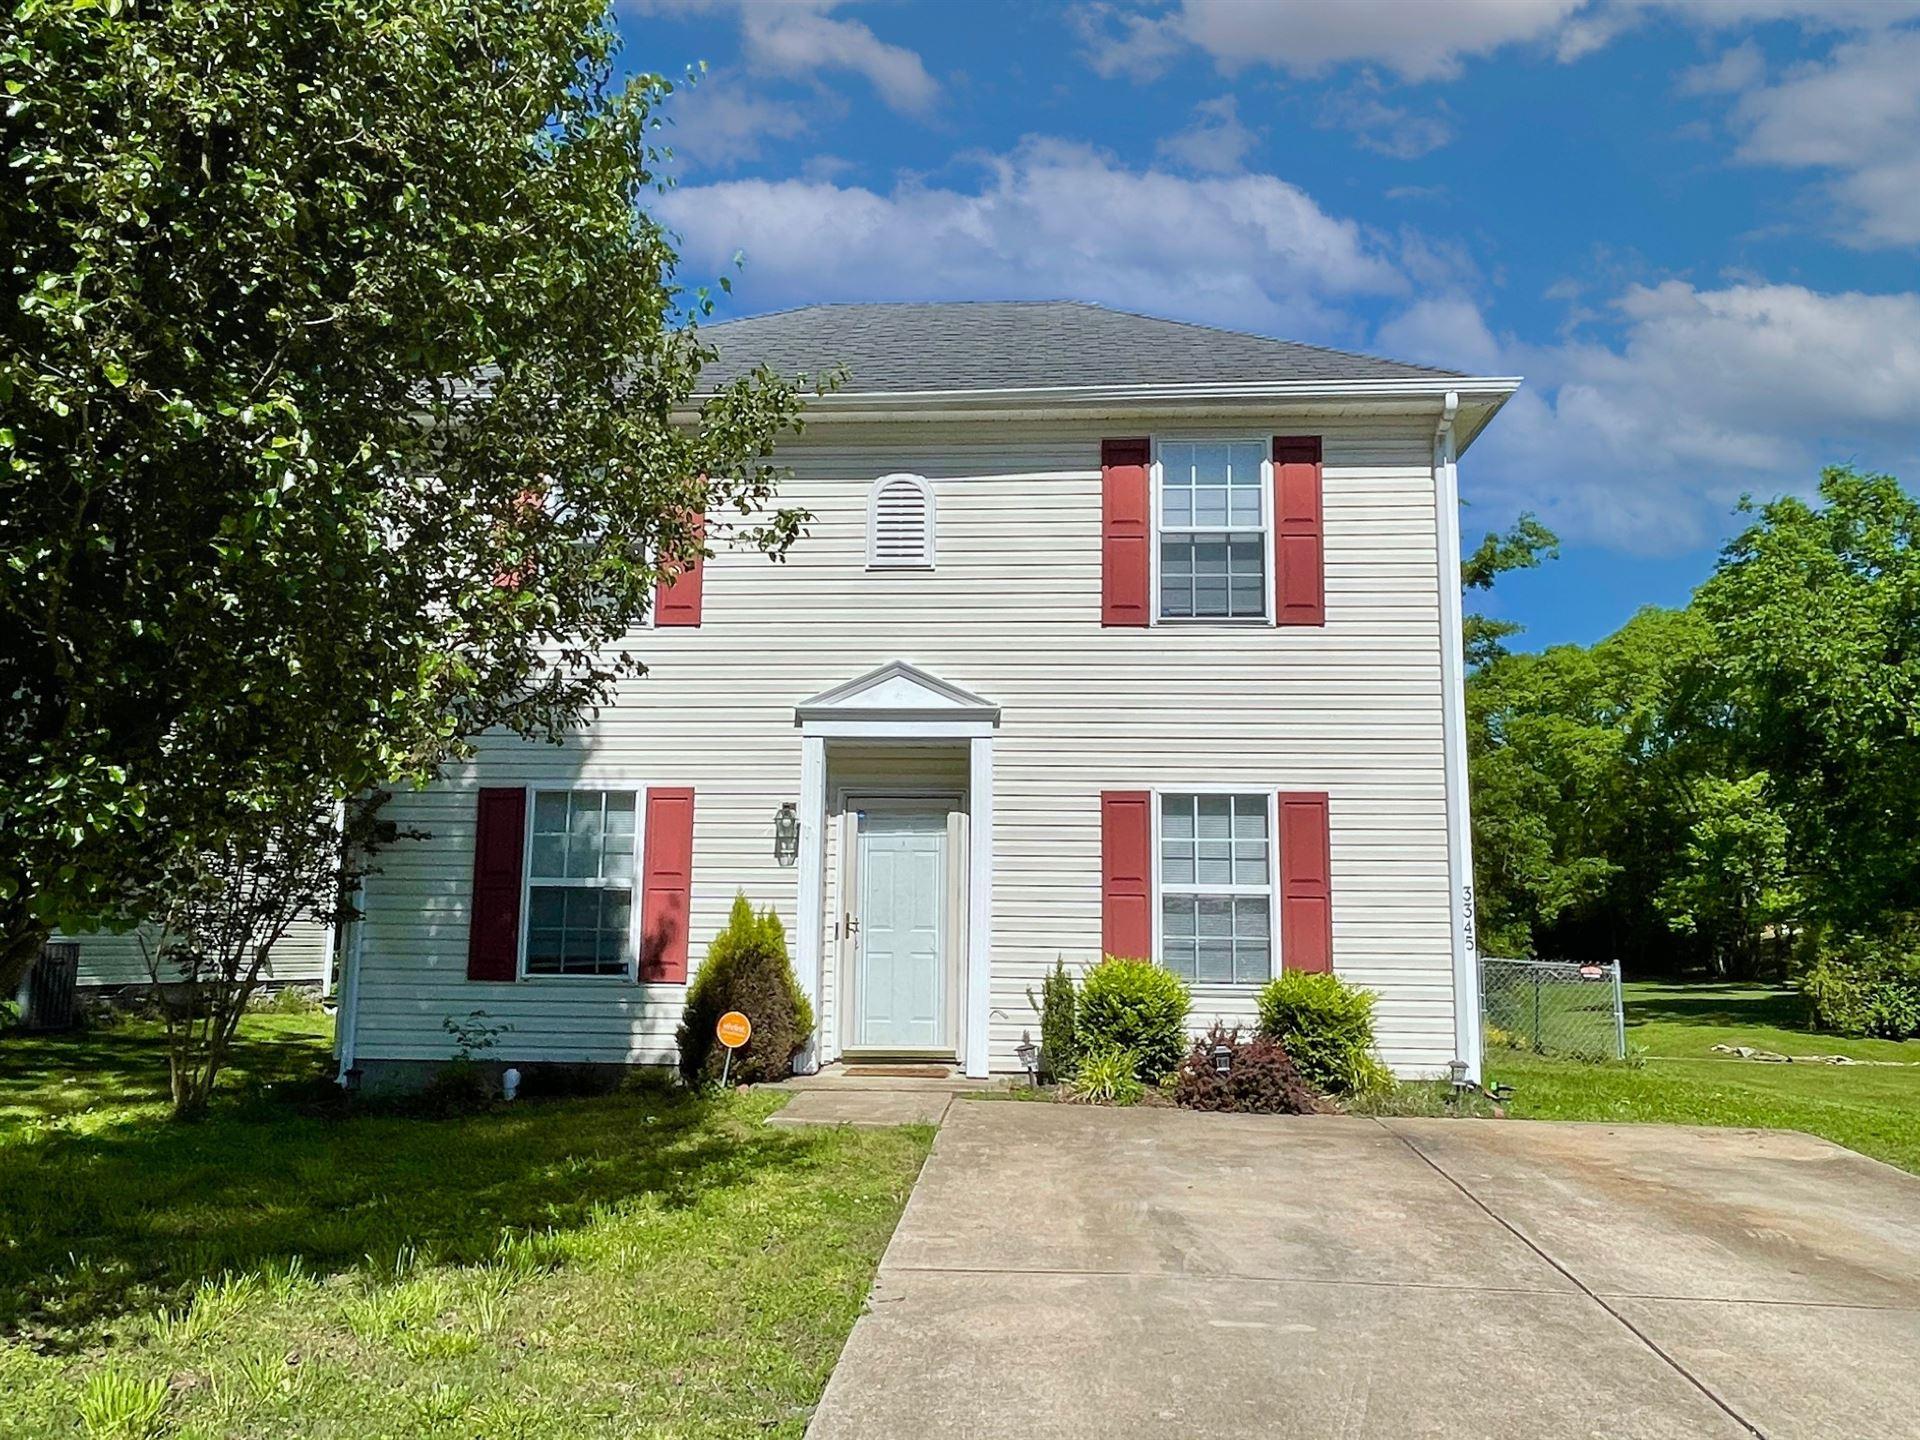 Photo of 3345 Mullins Ct, Murfreesboro, TN 37129 (MLS # 2252431)